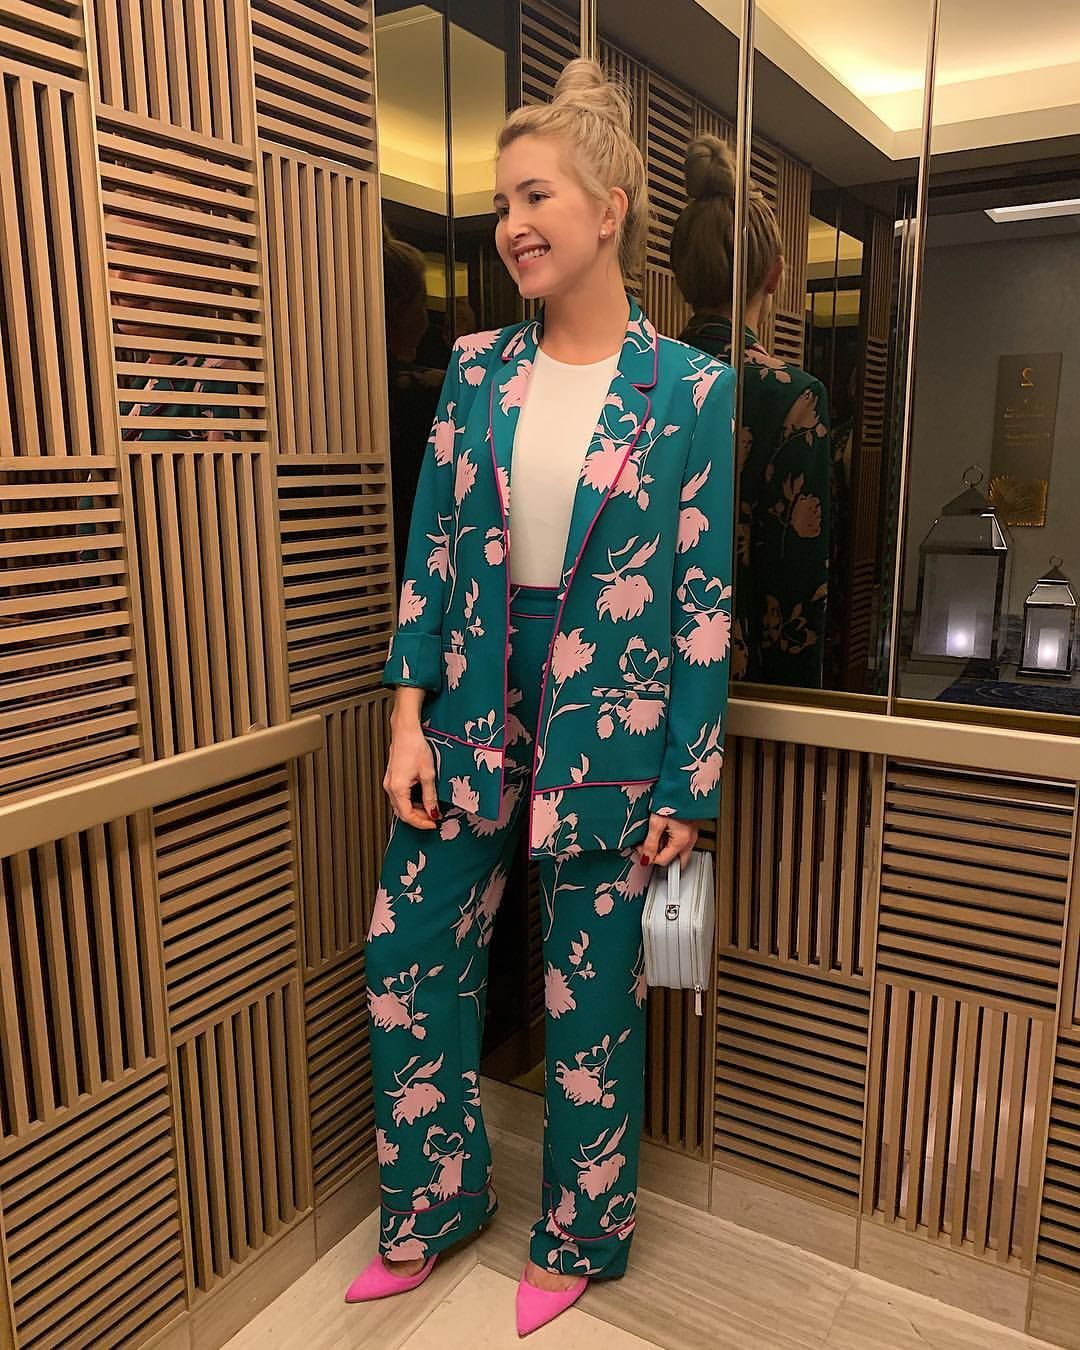 e9f41e93e887 Шёлковый брючный костюм в пижамном стиле | Женская мода в 2019 г ...